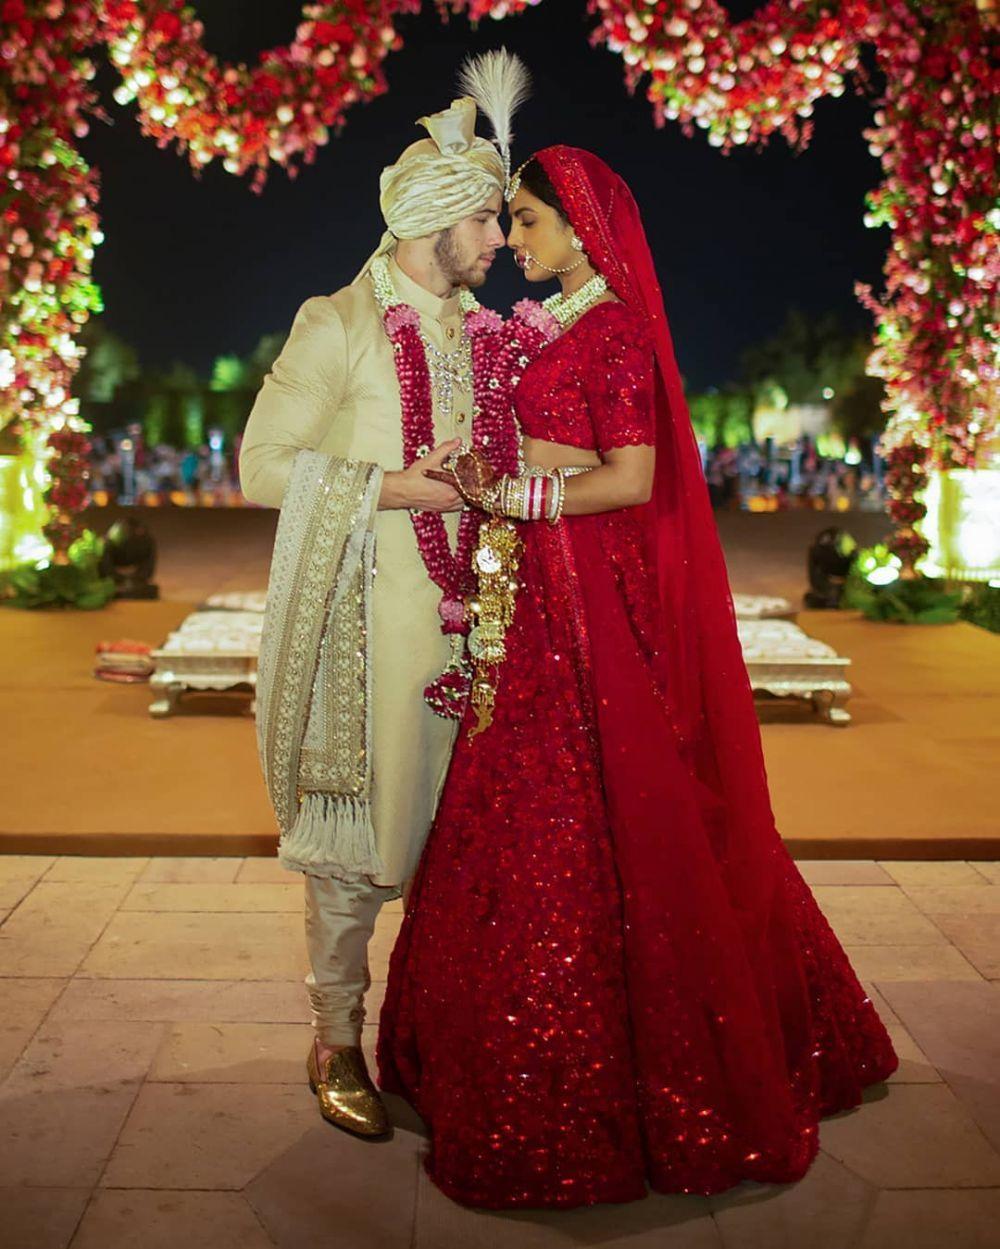 8 Gaun Anggun Priyanka Chopra saat Pernikahan, Mewah Bertabur Payet!